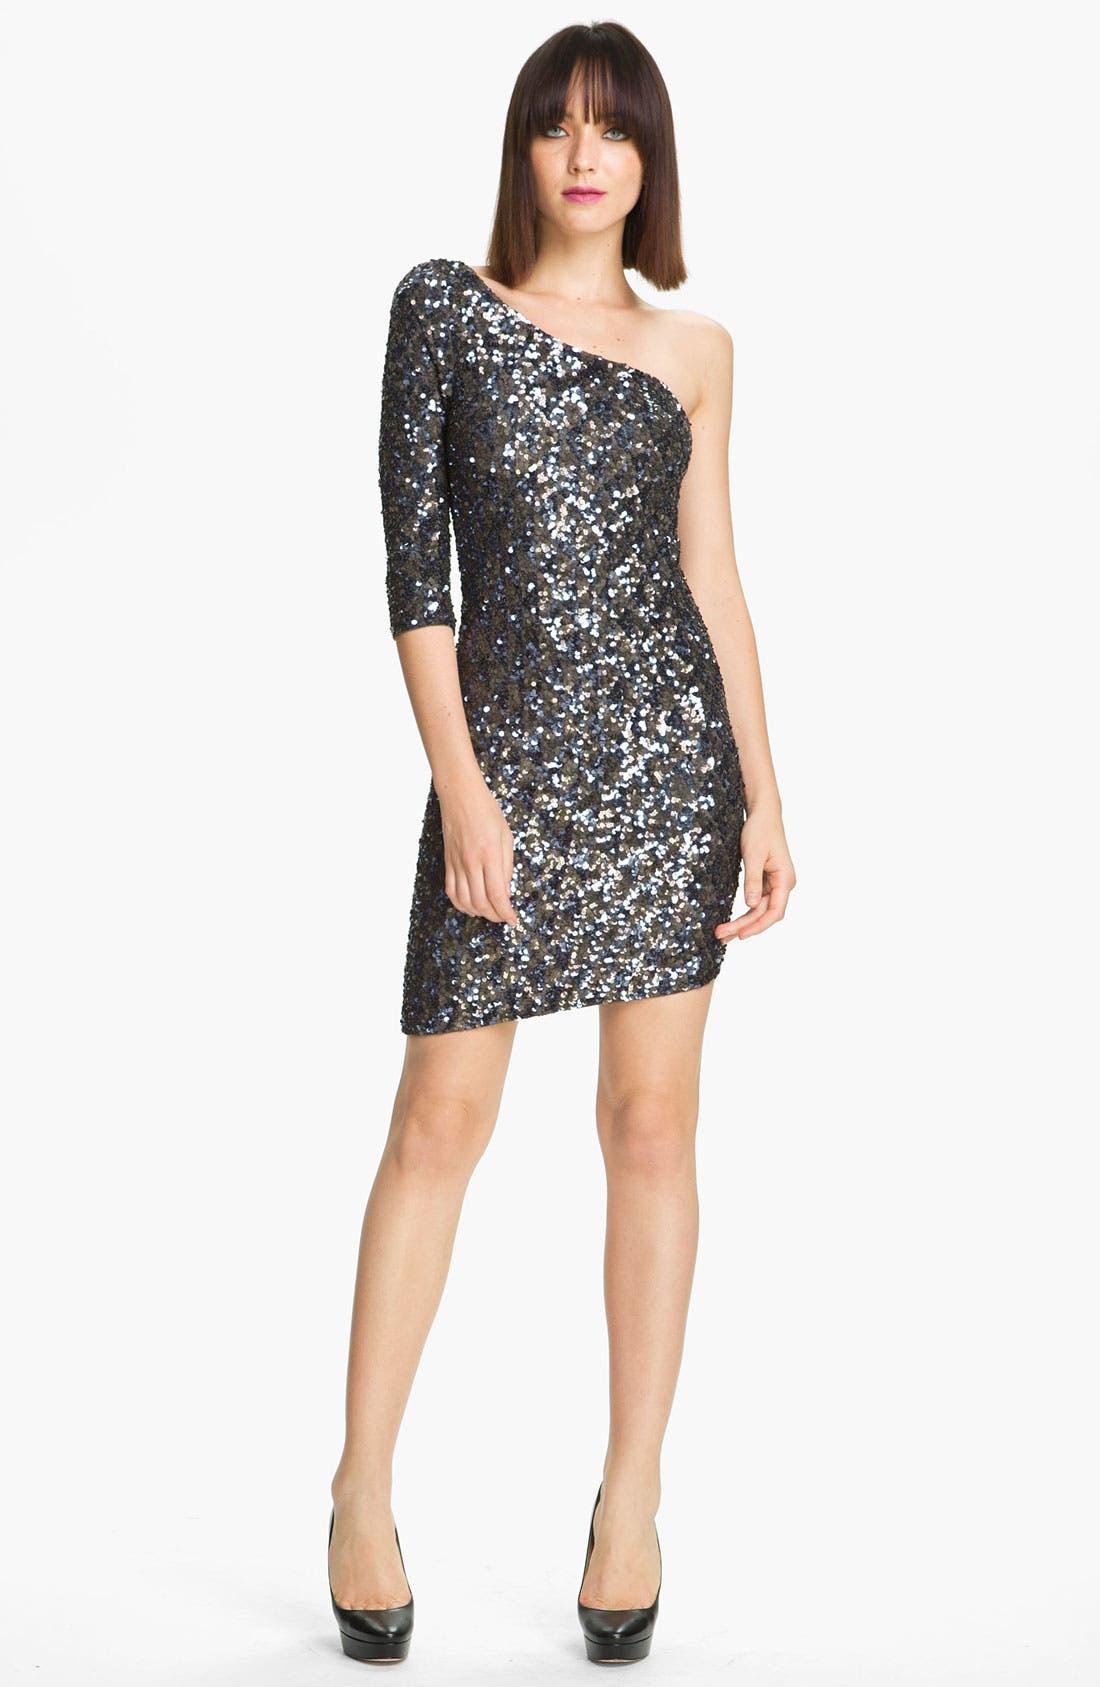 Main Image - Alice + Olivia 'Nicky' One Shoulder Sequin Dress